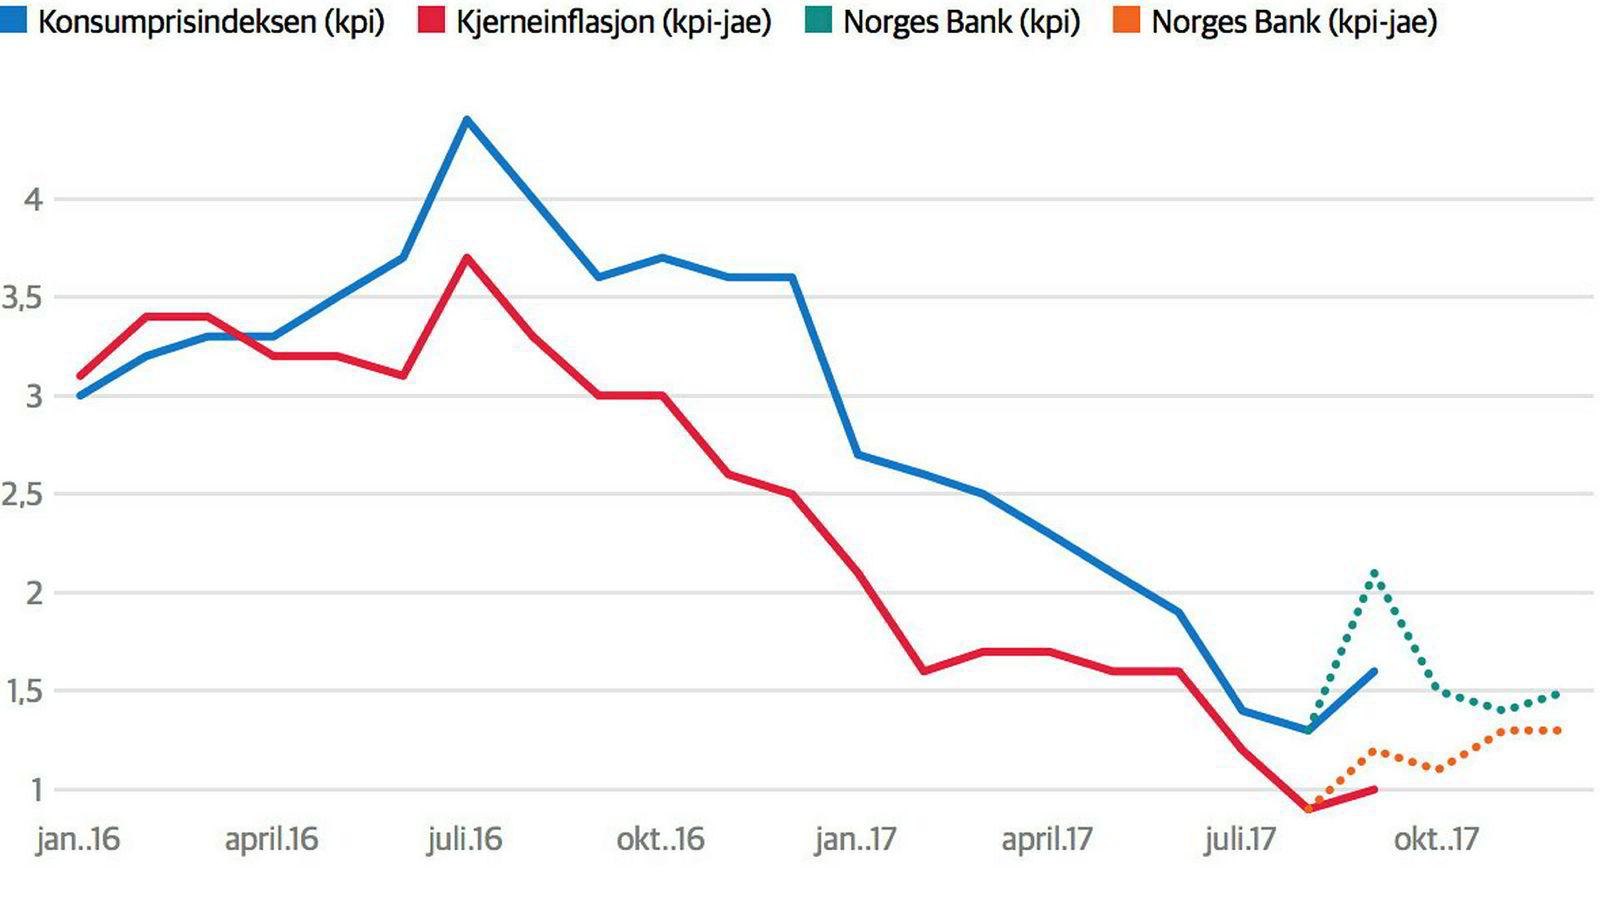 Om inflasjonen holder seg så lav som den er nå vil det bli vanskelig for Norges Bank å tenke på en renteøkning, mener økonomer.